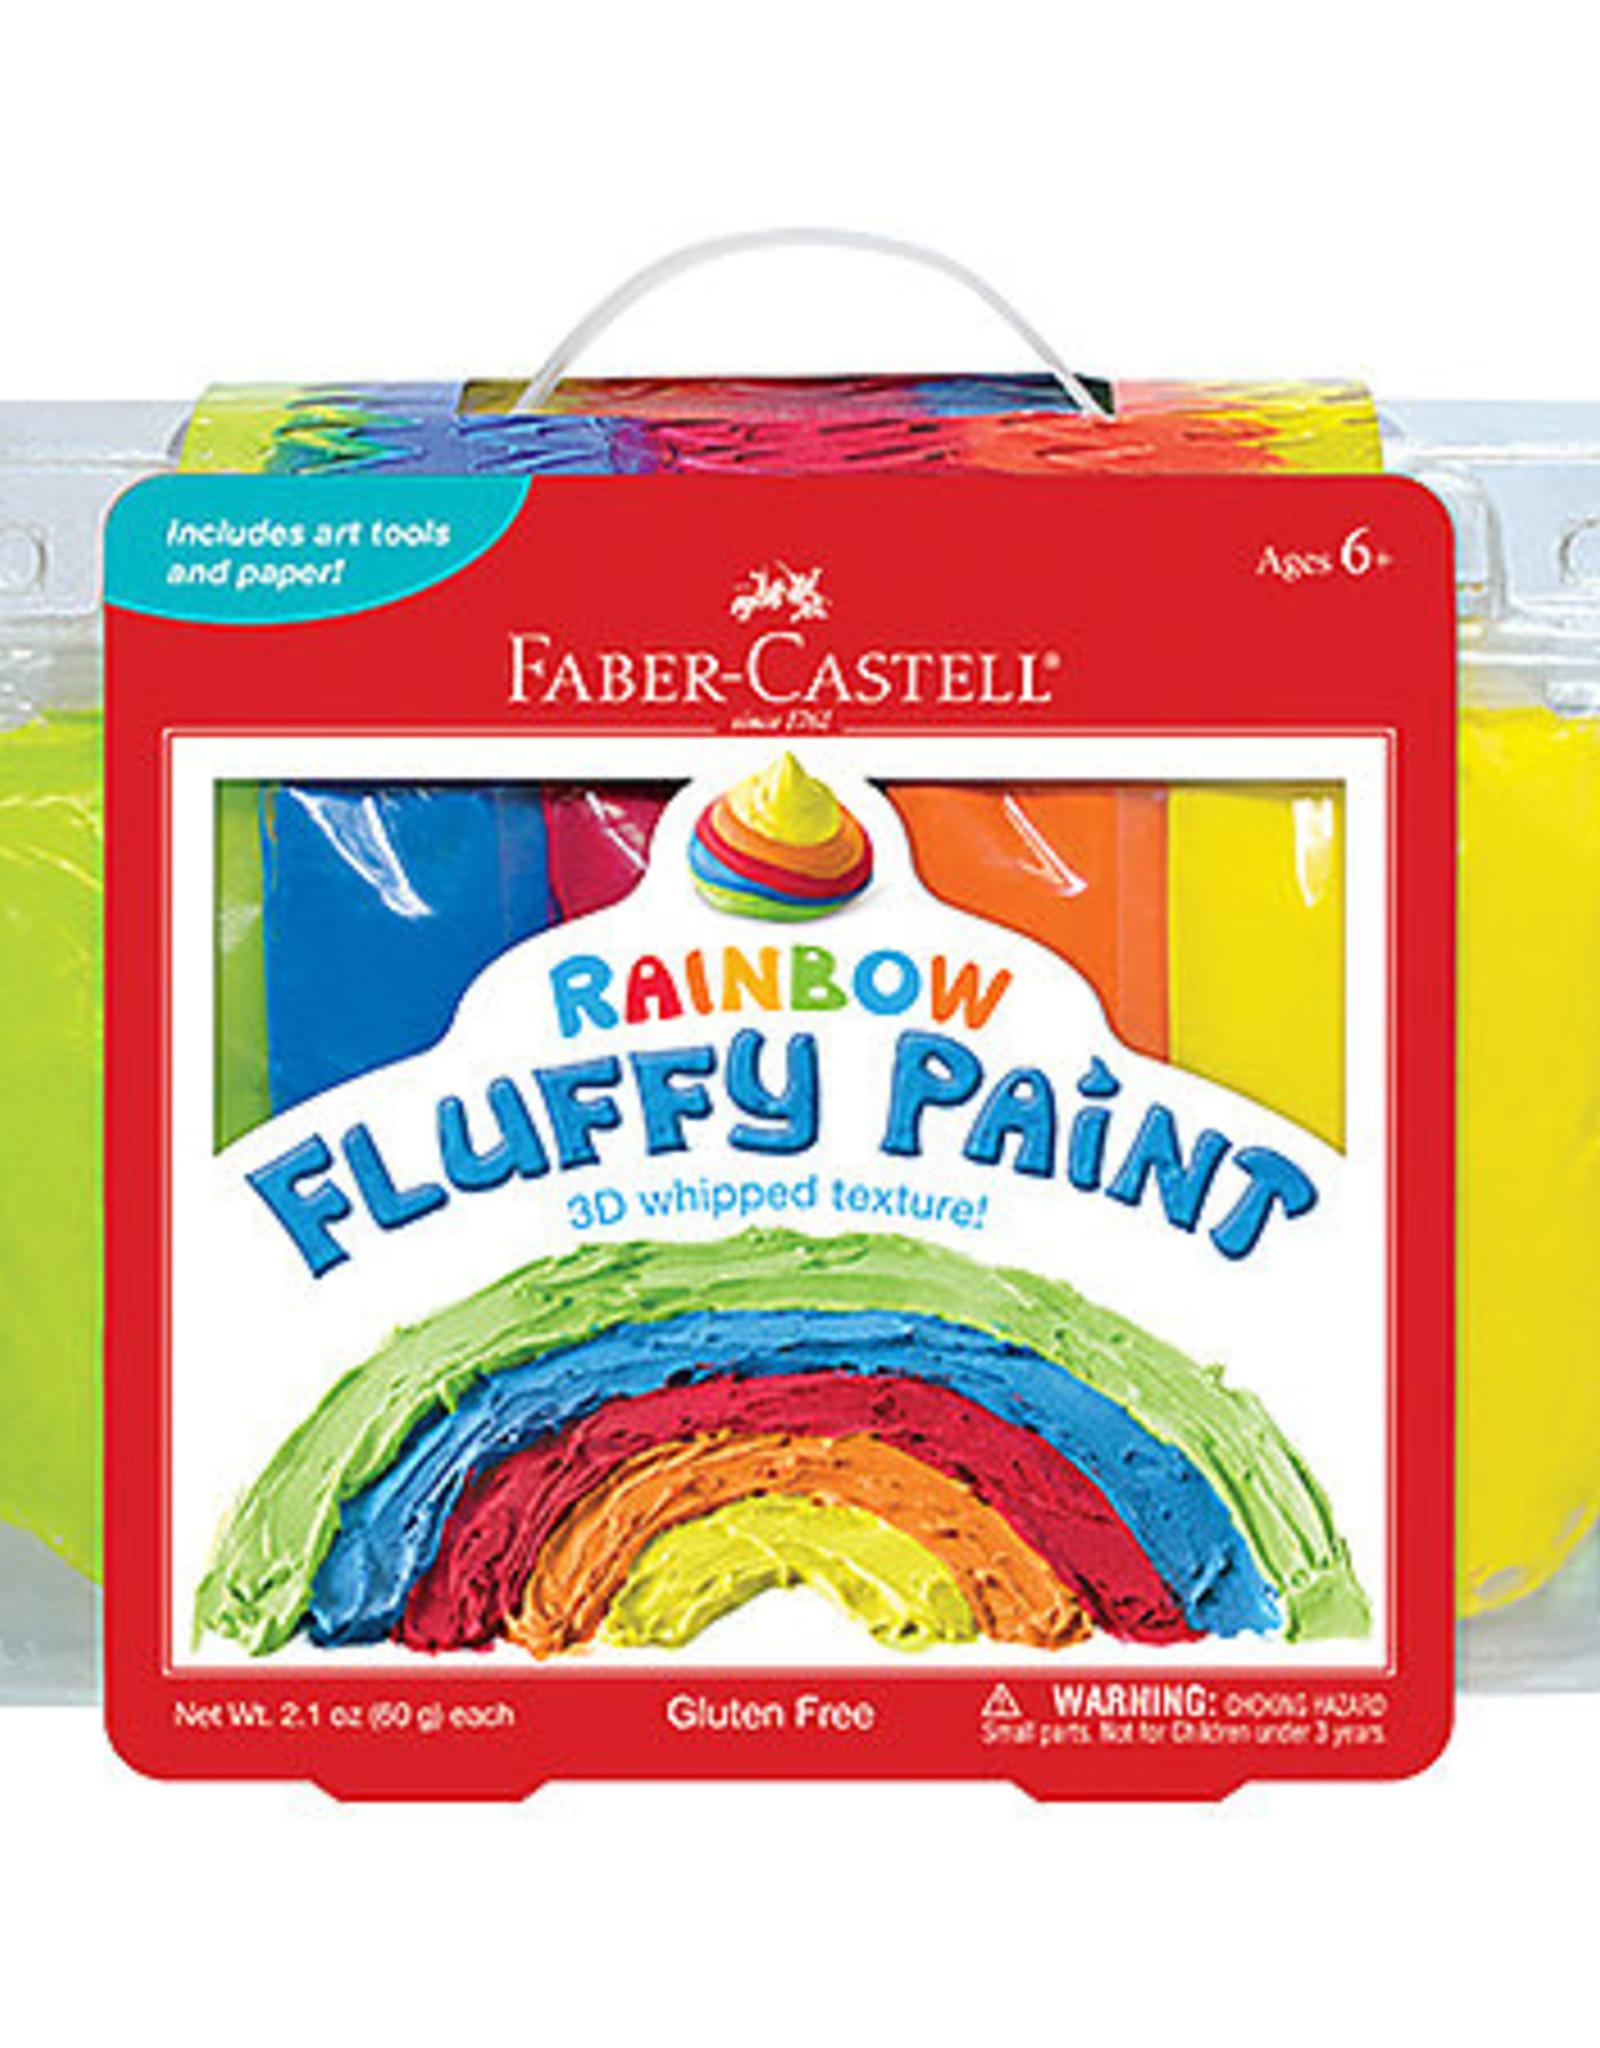 RAINBOW FLUFFY PAINT